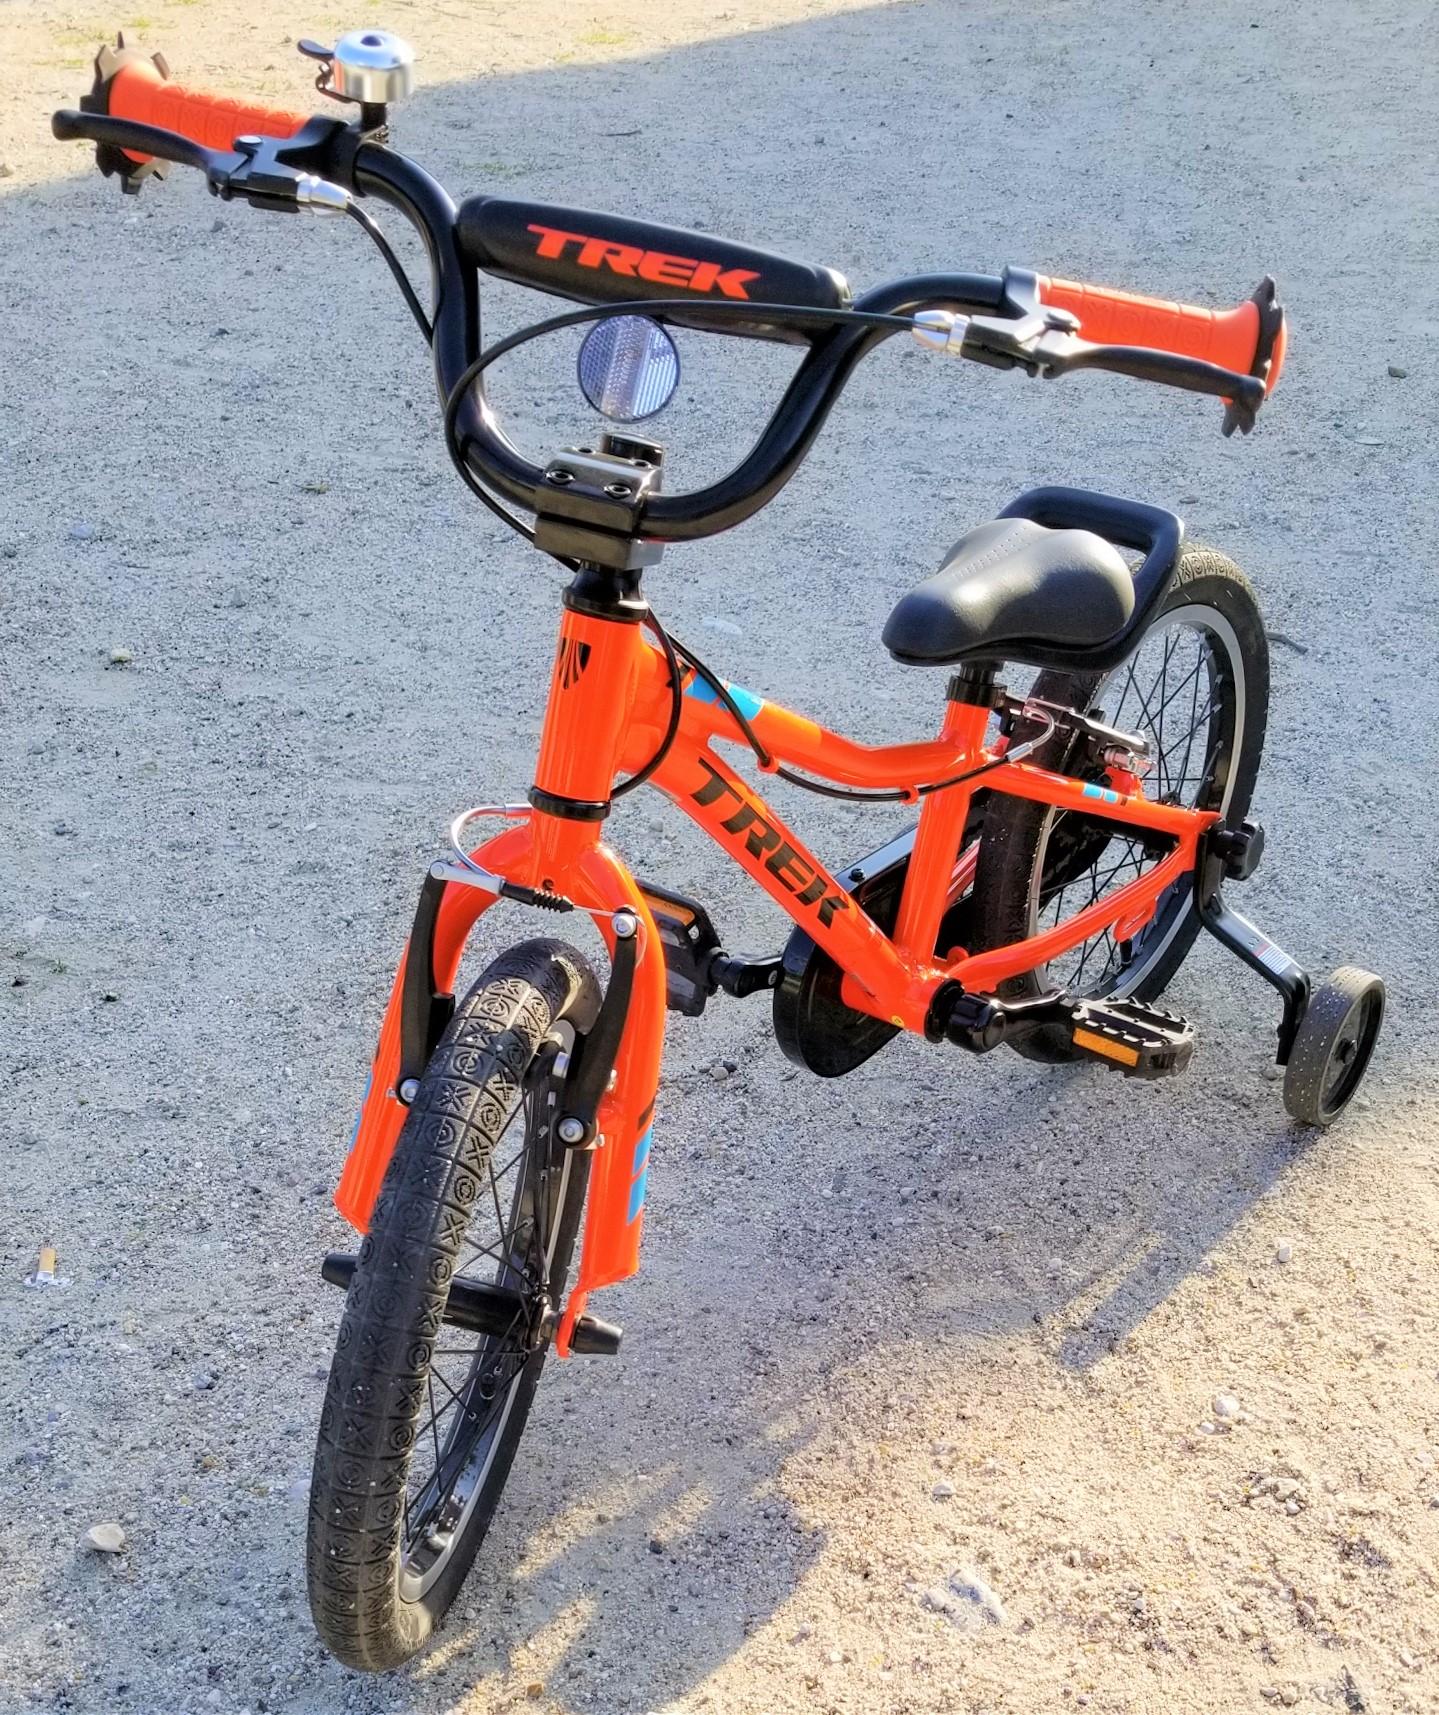 初めての子供用自転車に TREK の自転車を買ったら、機能的にも金銭的にも満足した